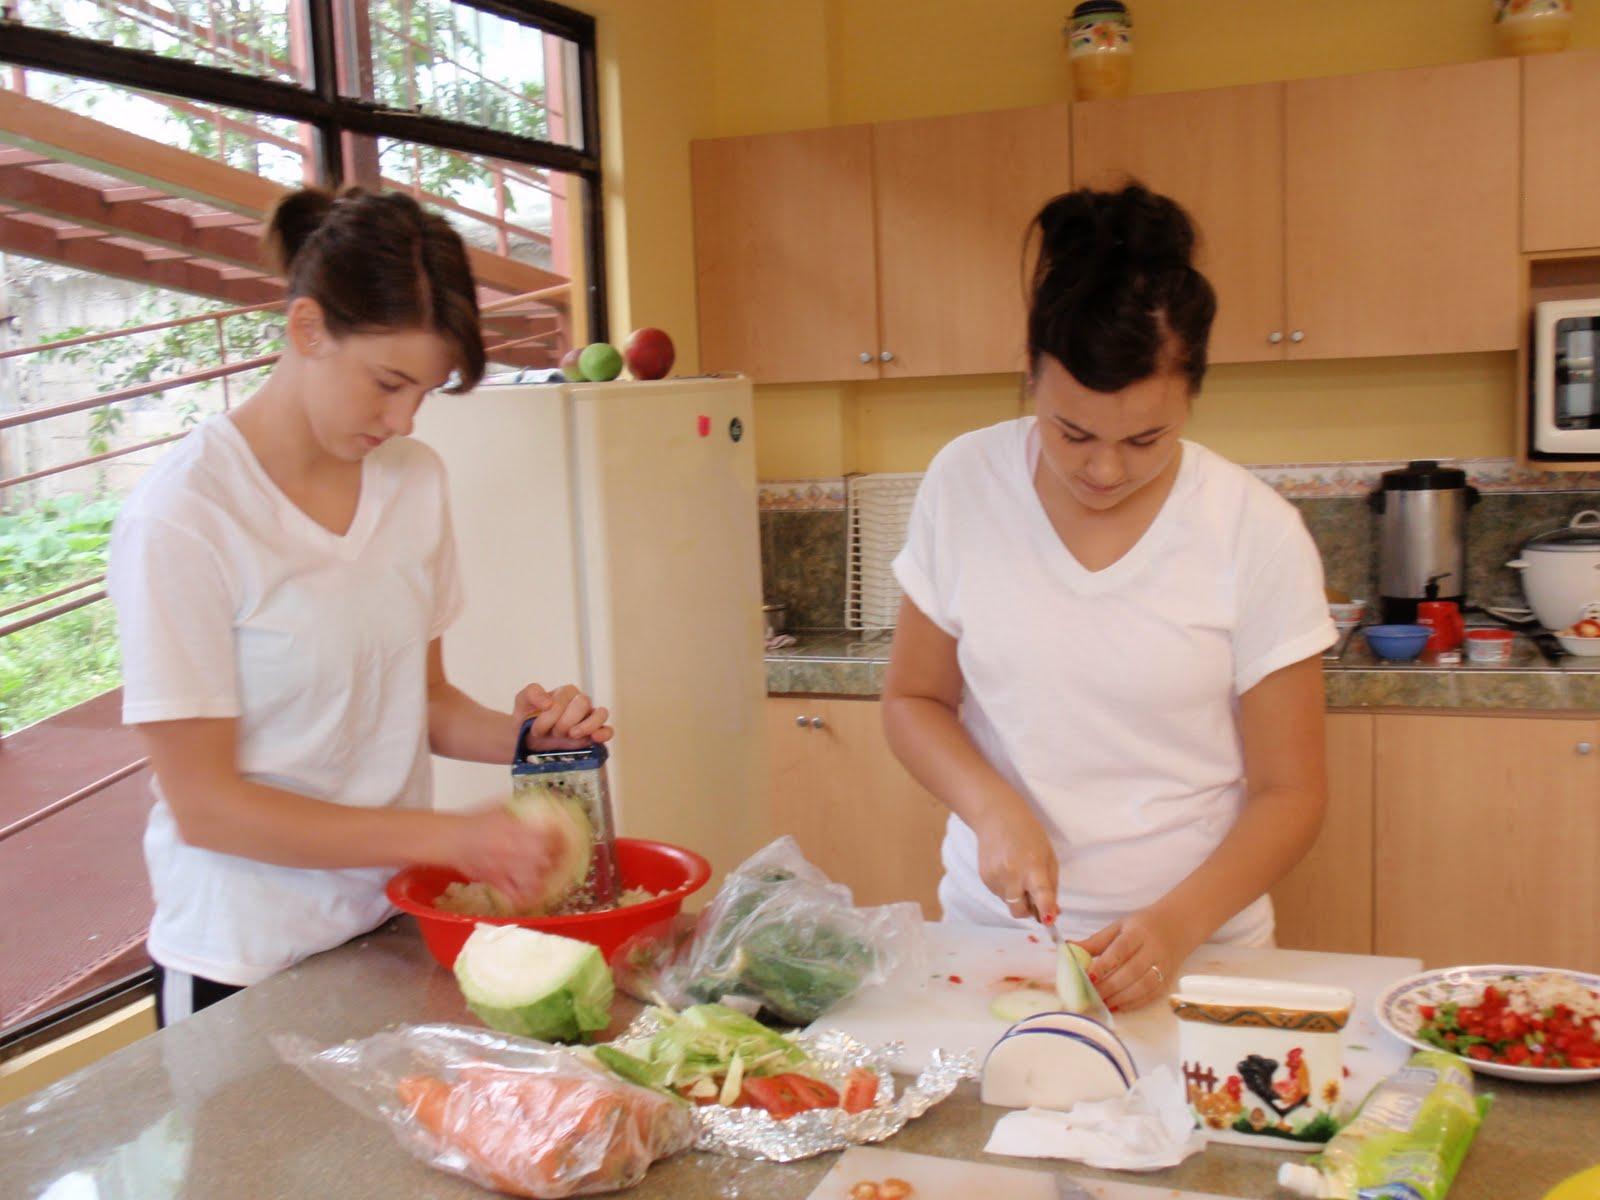 Ladies cooking